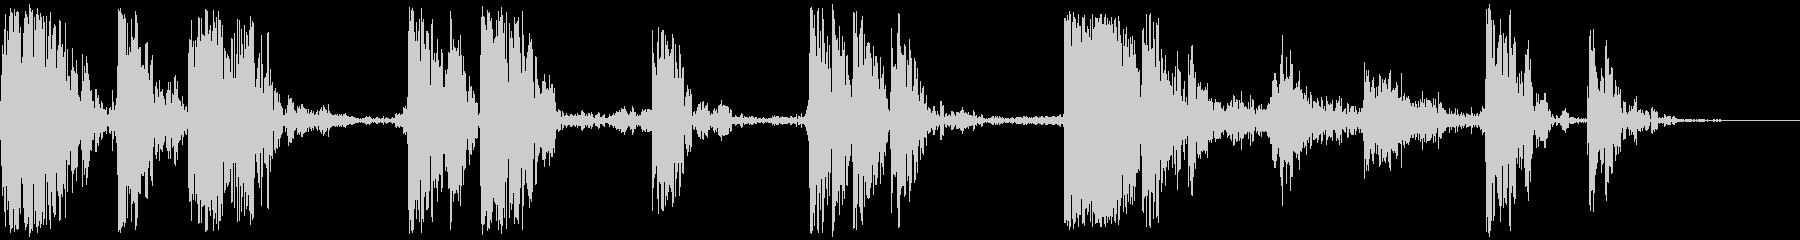 ヘビーウッドドロップとタンブル、フォリーの未再生の波形